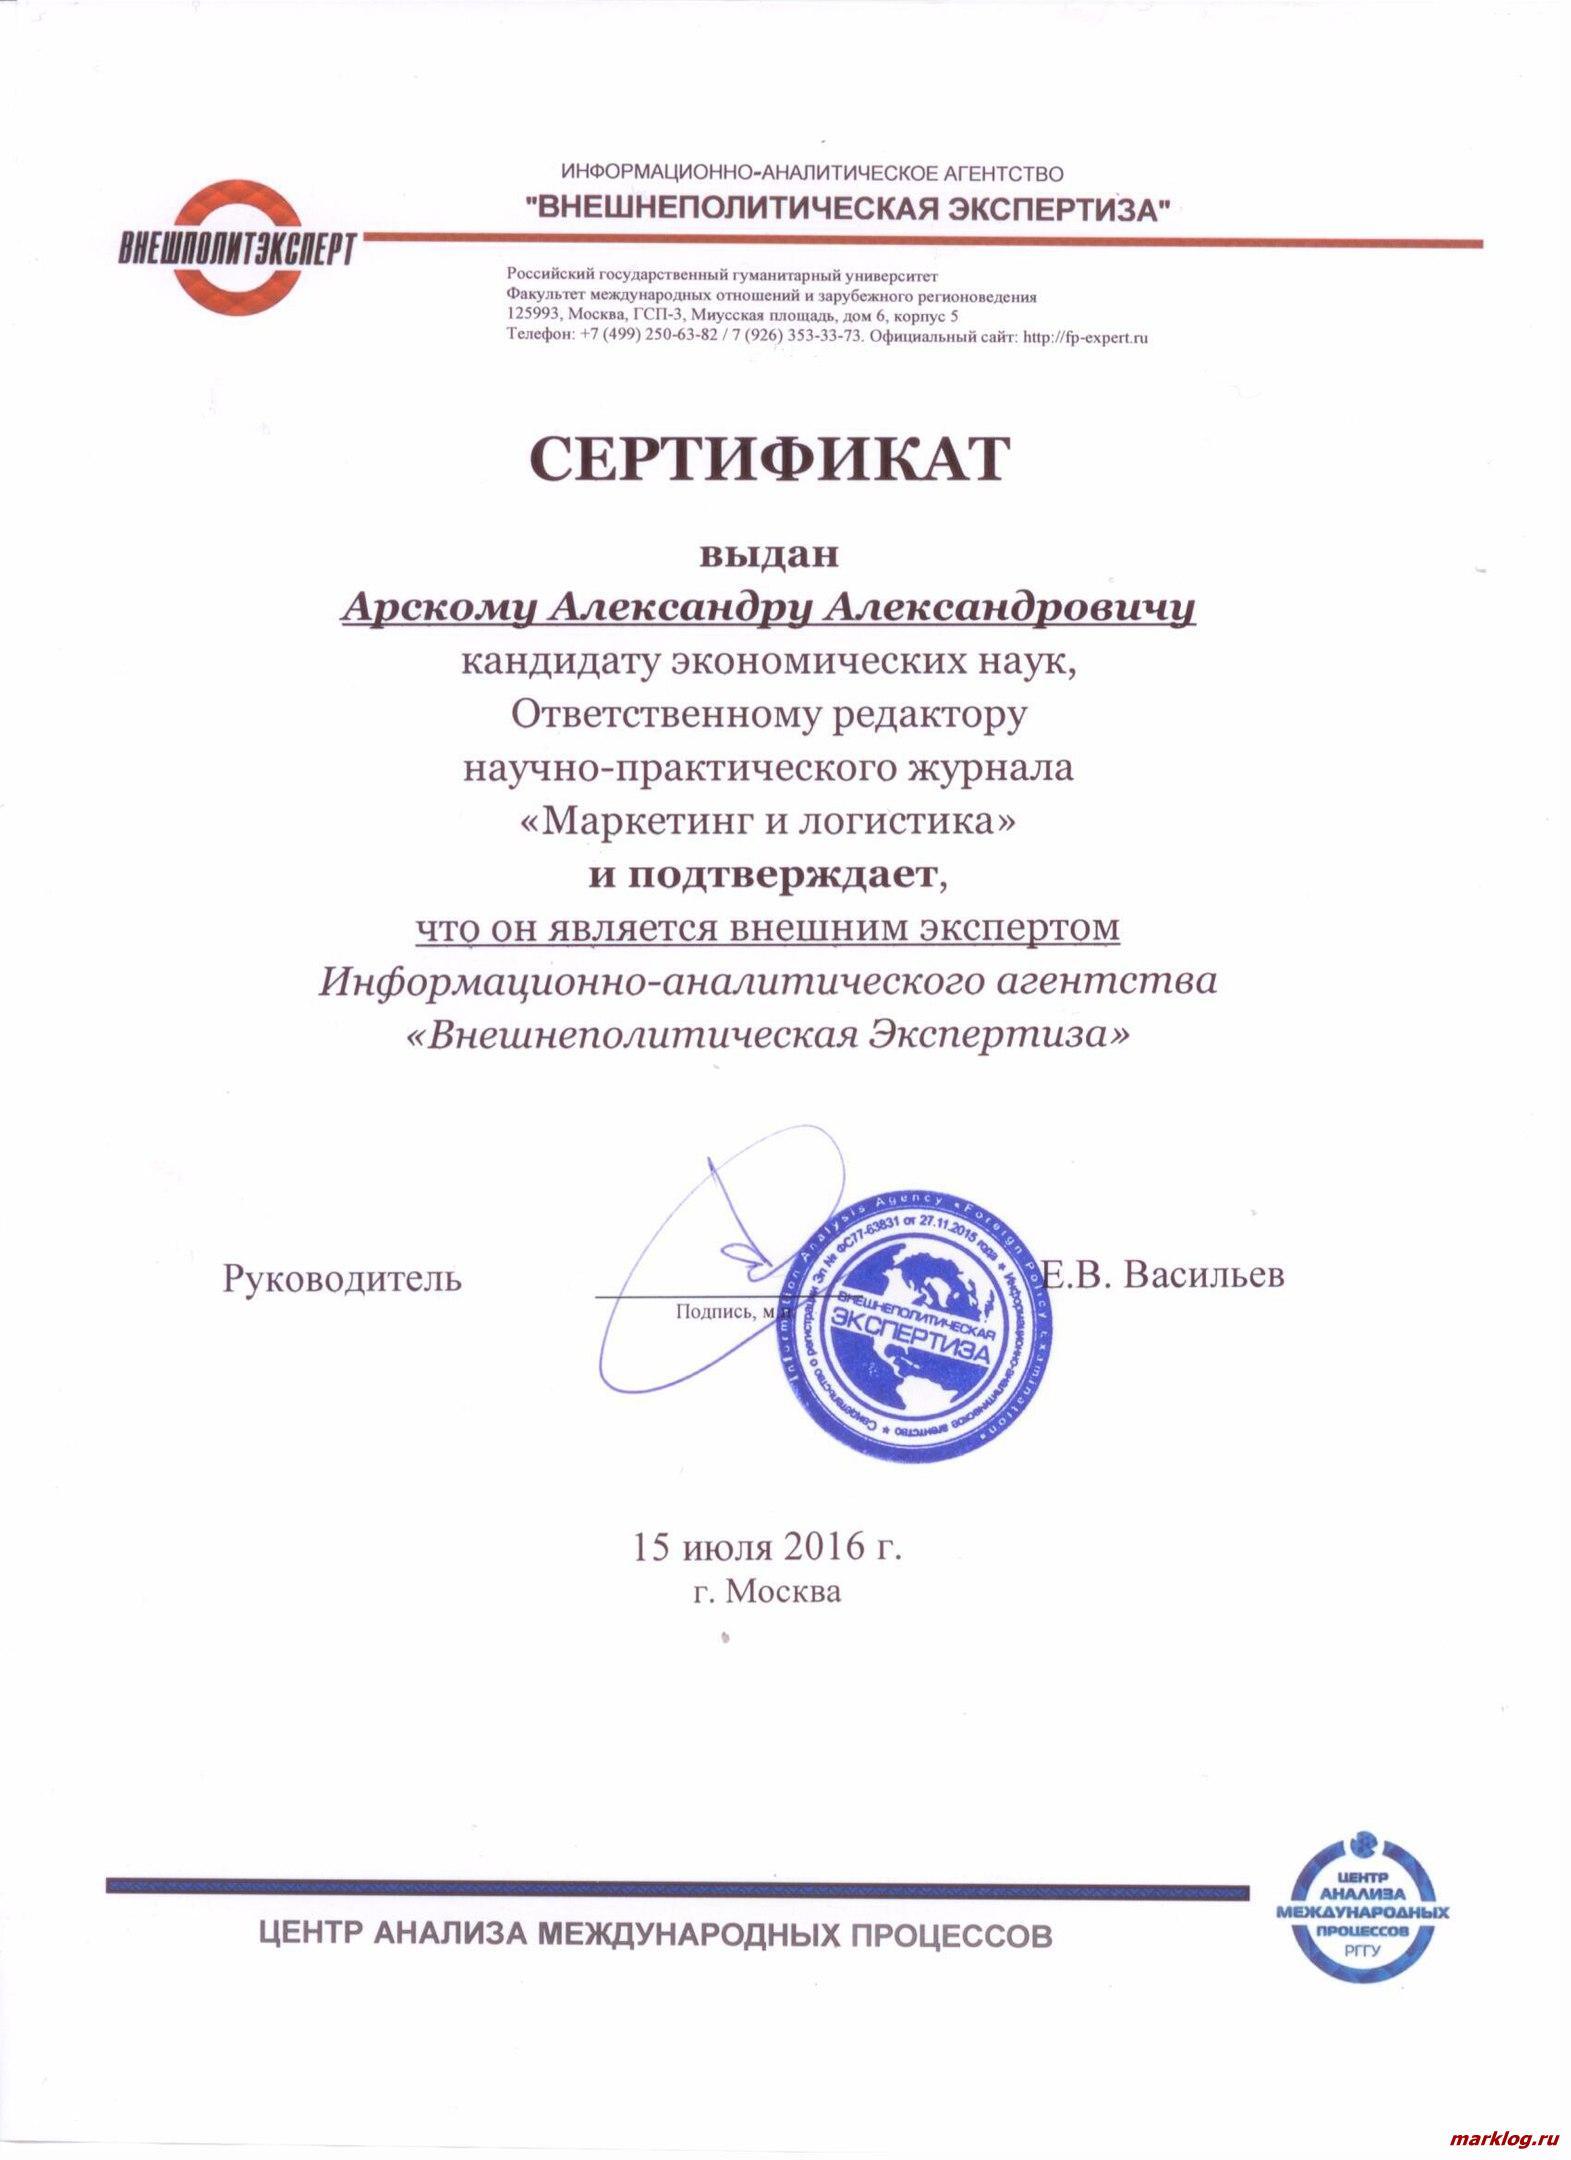 Сертификат внешнего эксперта Арского А.А.